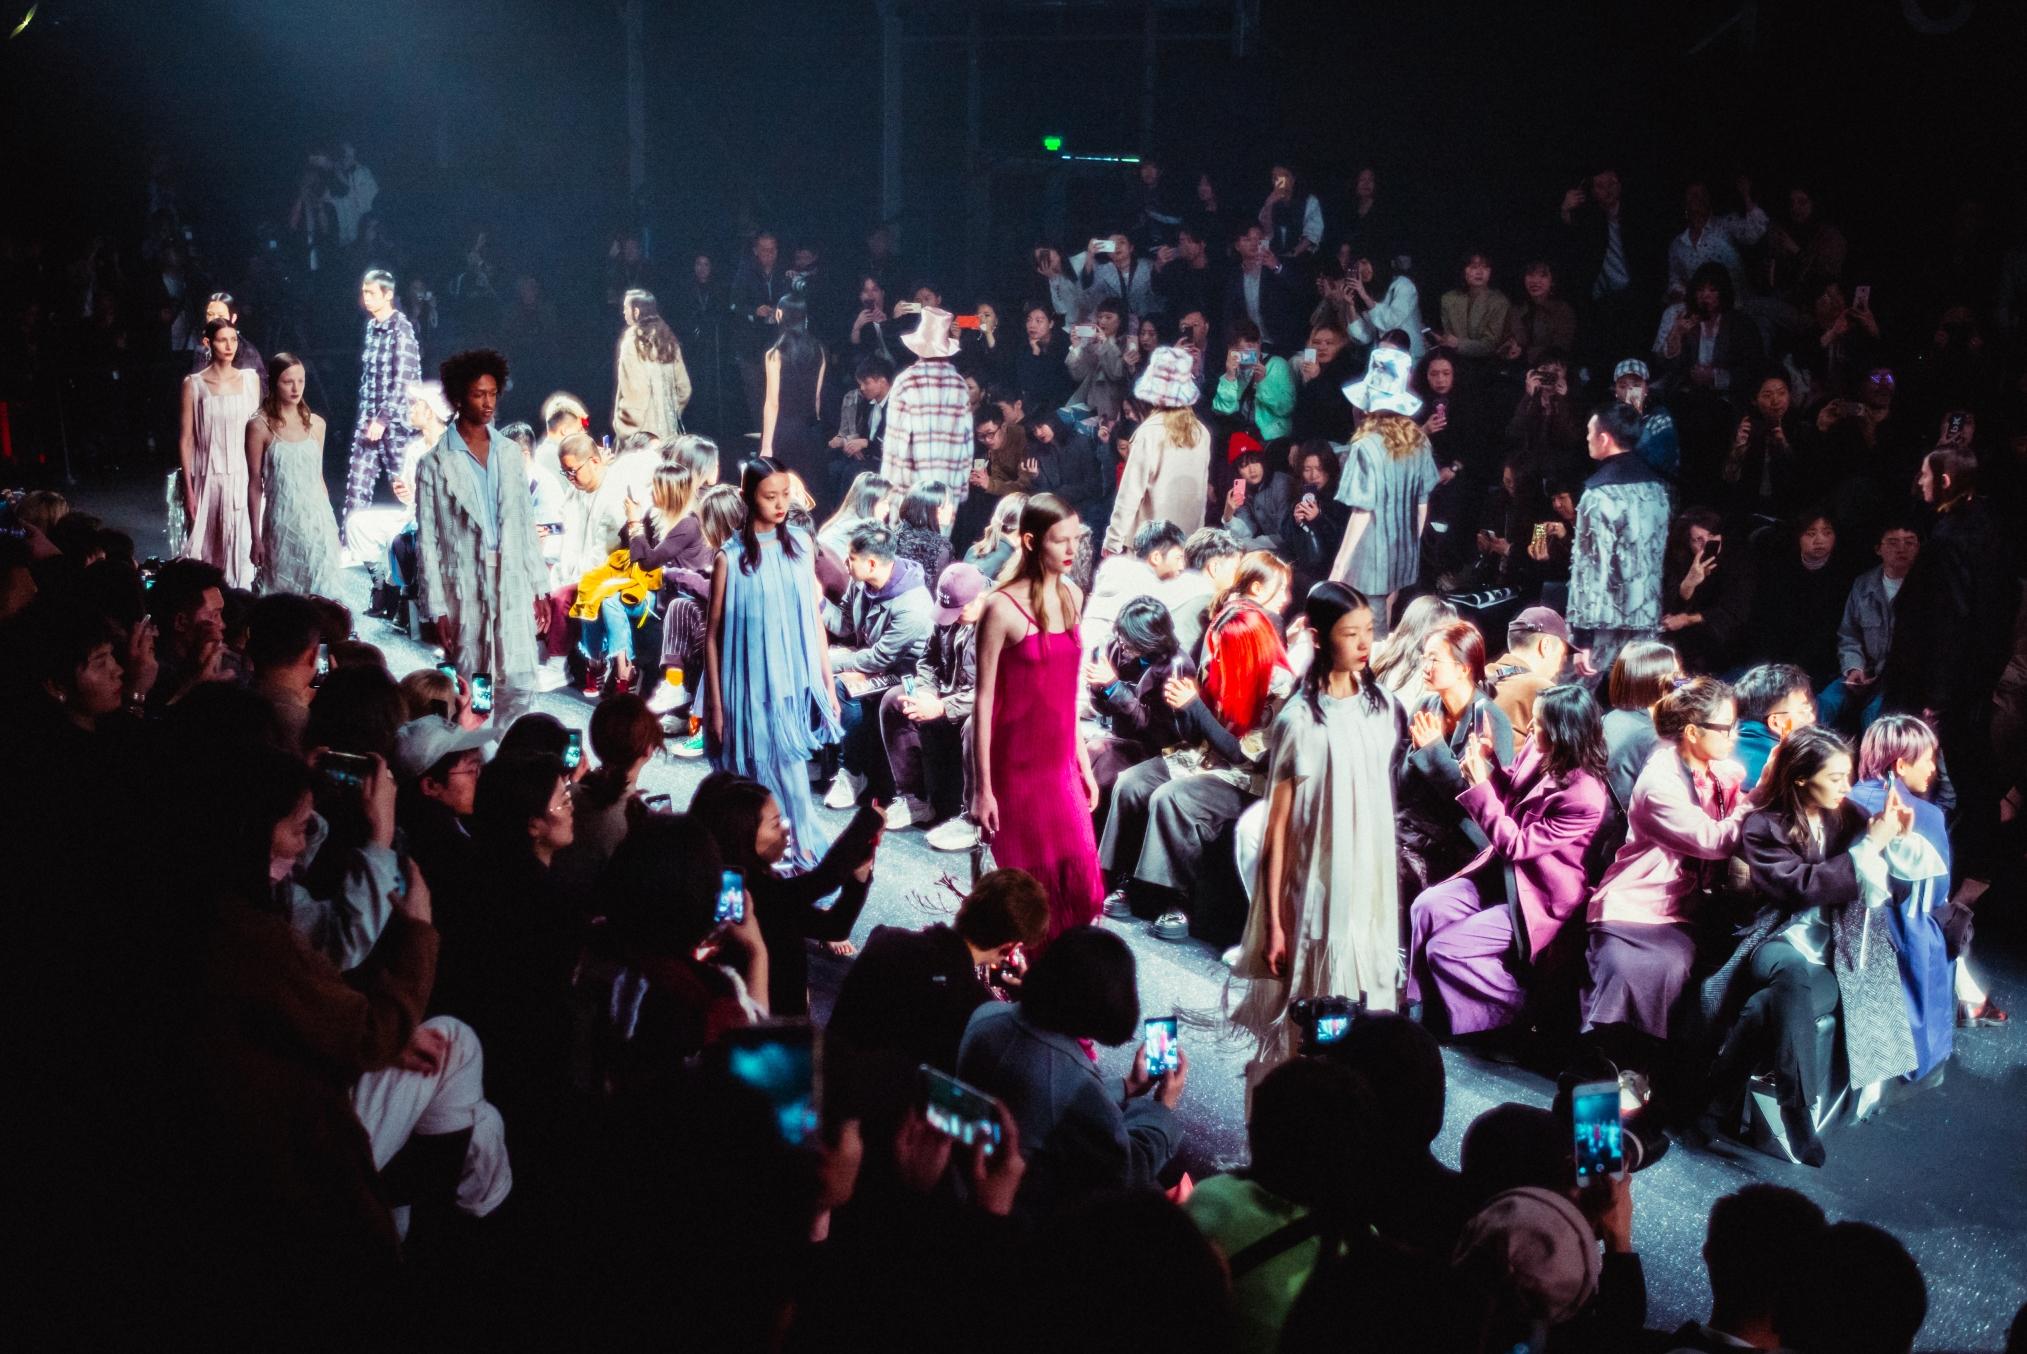 2020春夏上海时装周发布官方日程,《华丽志》继续担当核心媒体合作伙伴